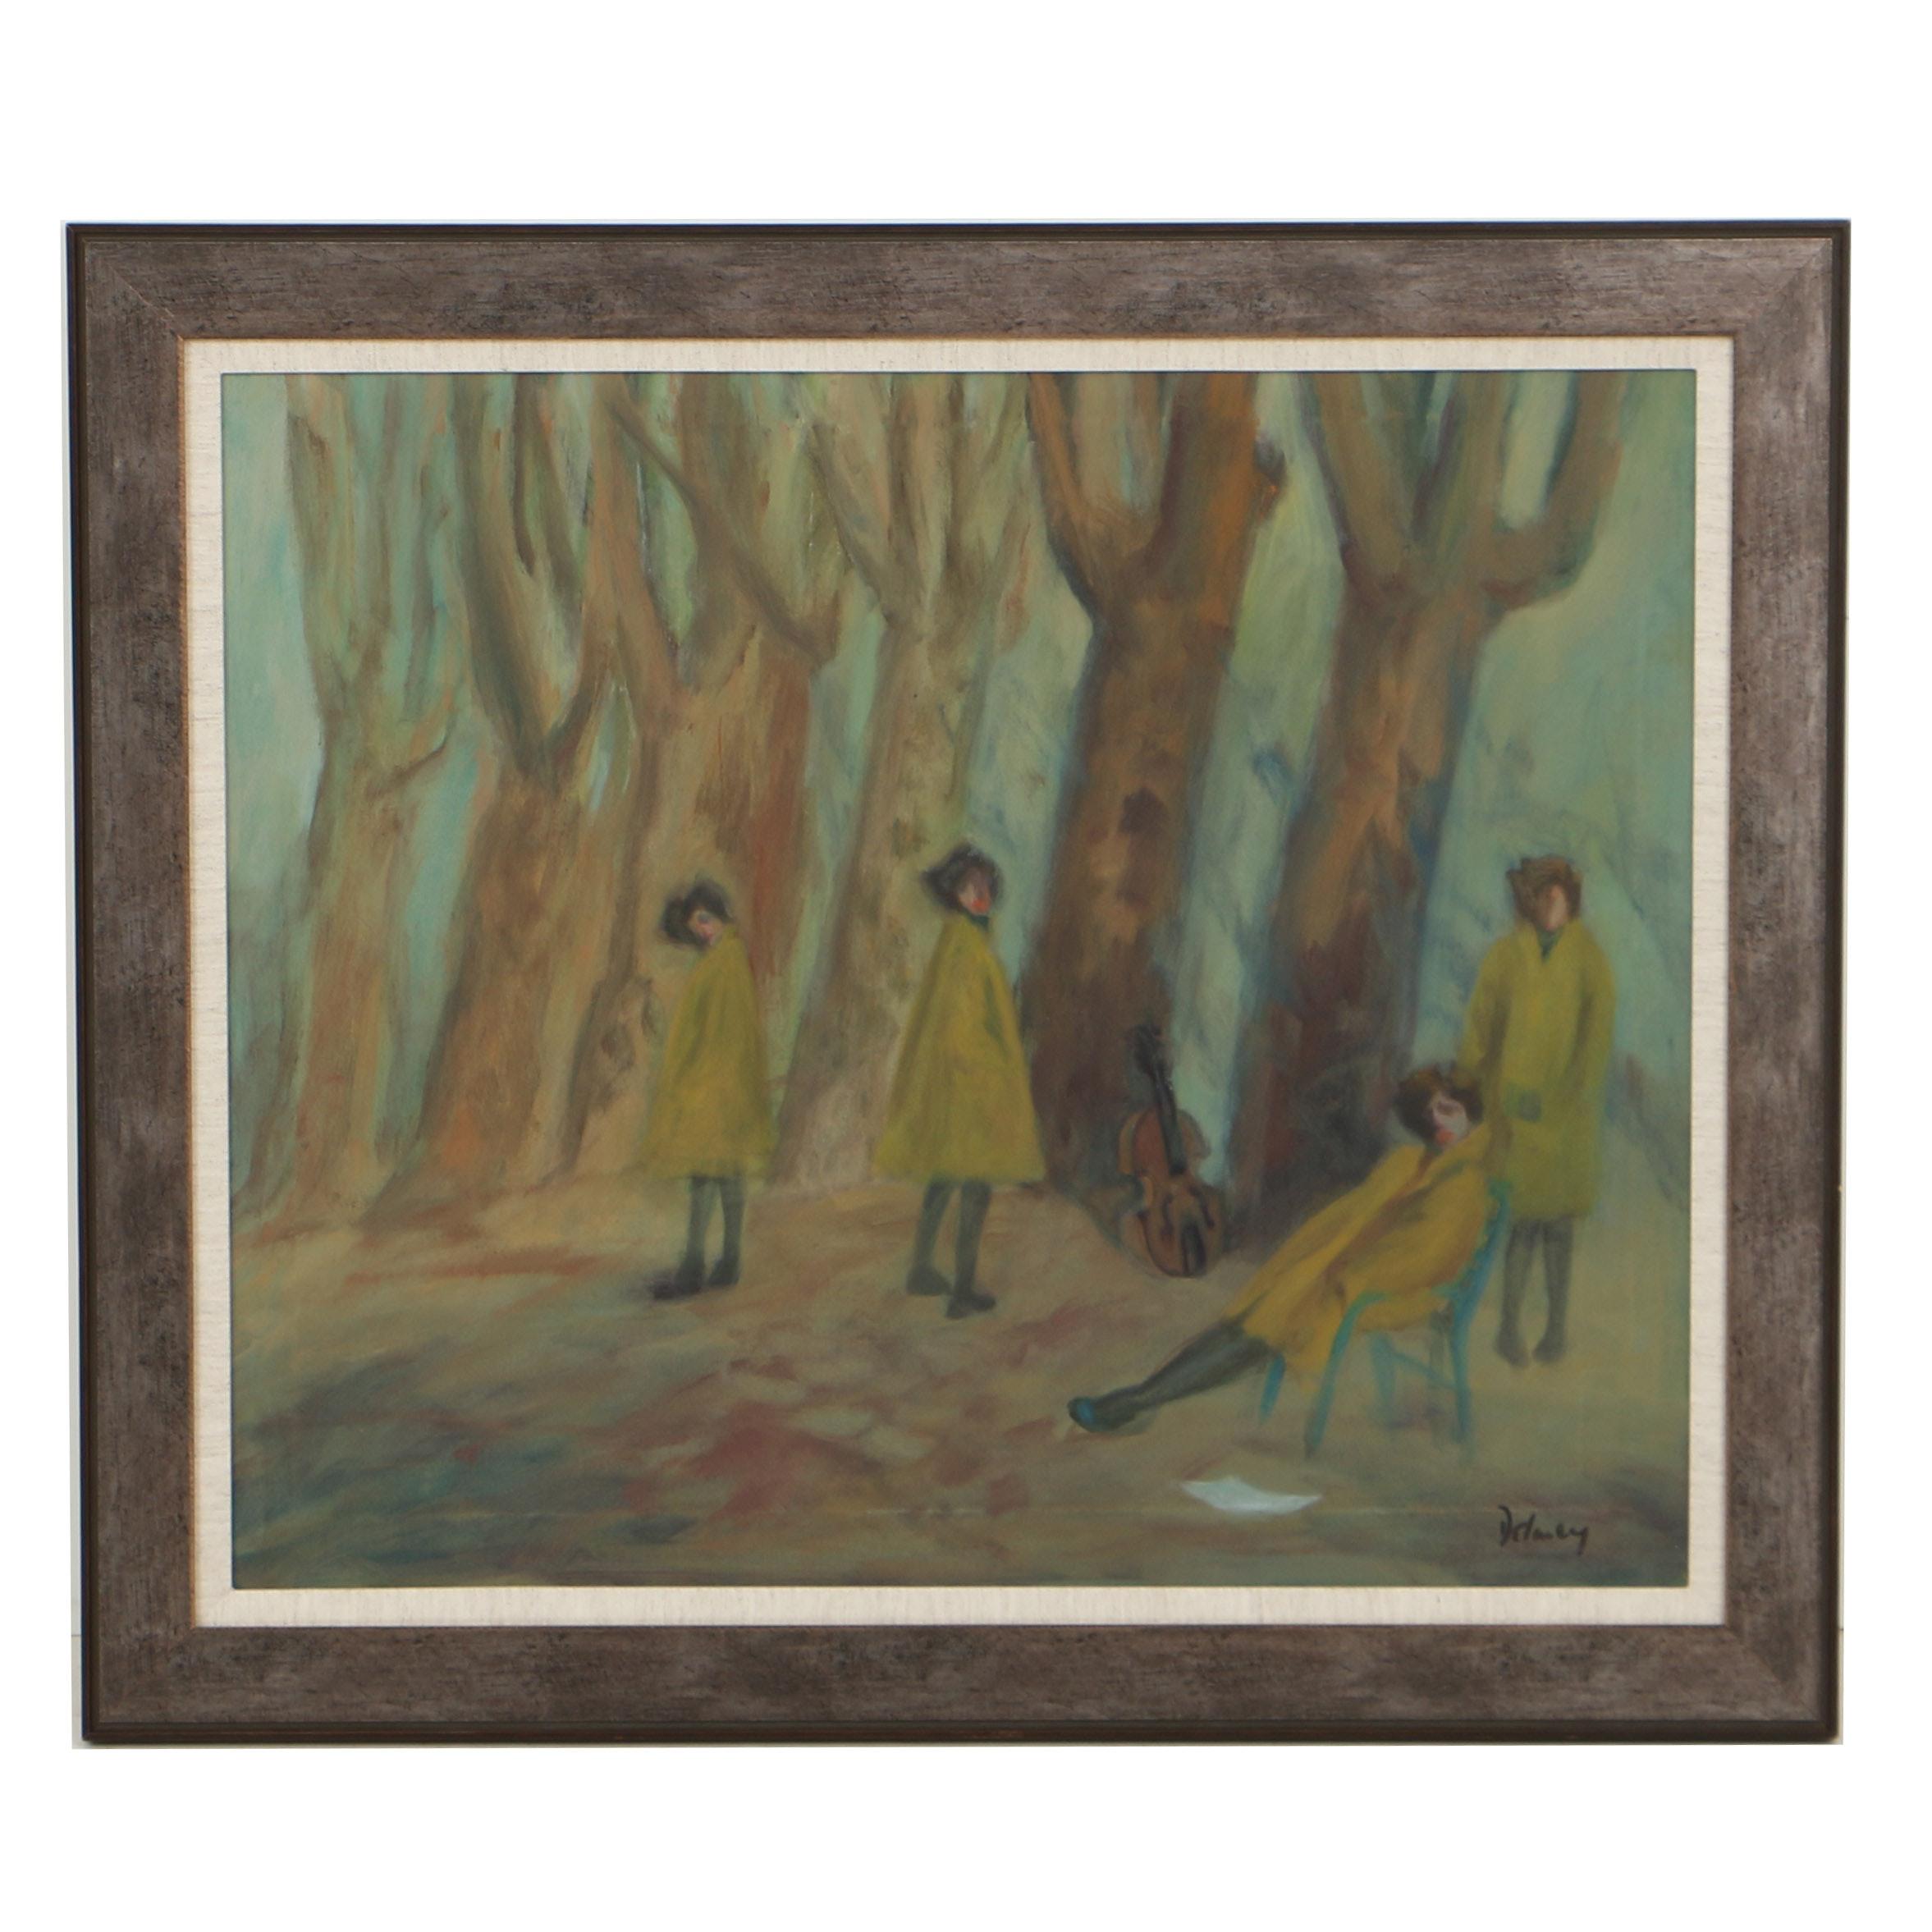 Jack Delaney Oil Painting on Canvas Figural Landscape